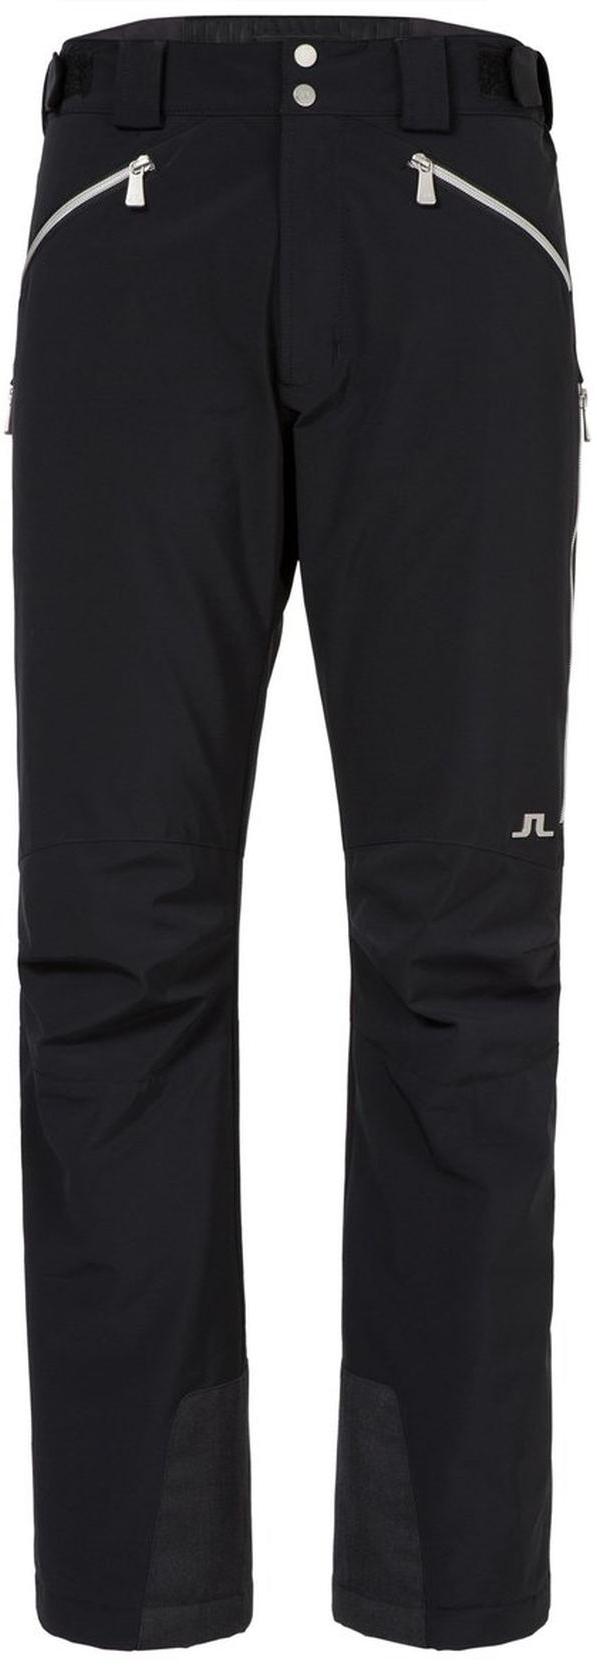 J.Lindeberg Moffit Dermizax EV Ski Pants, £400